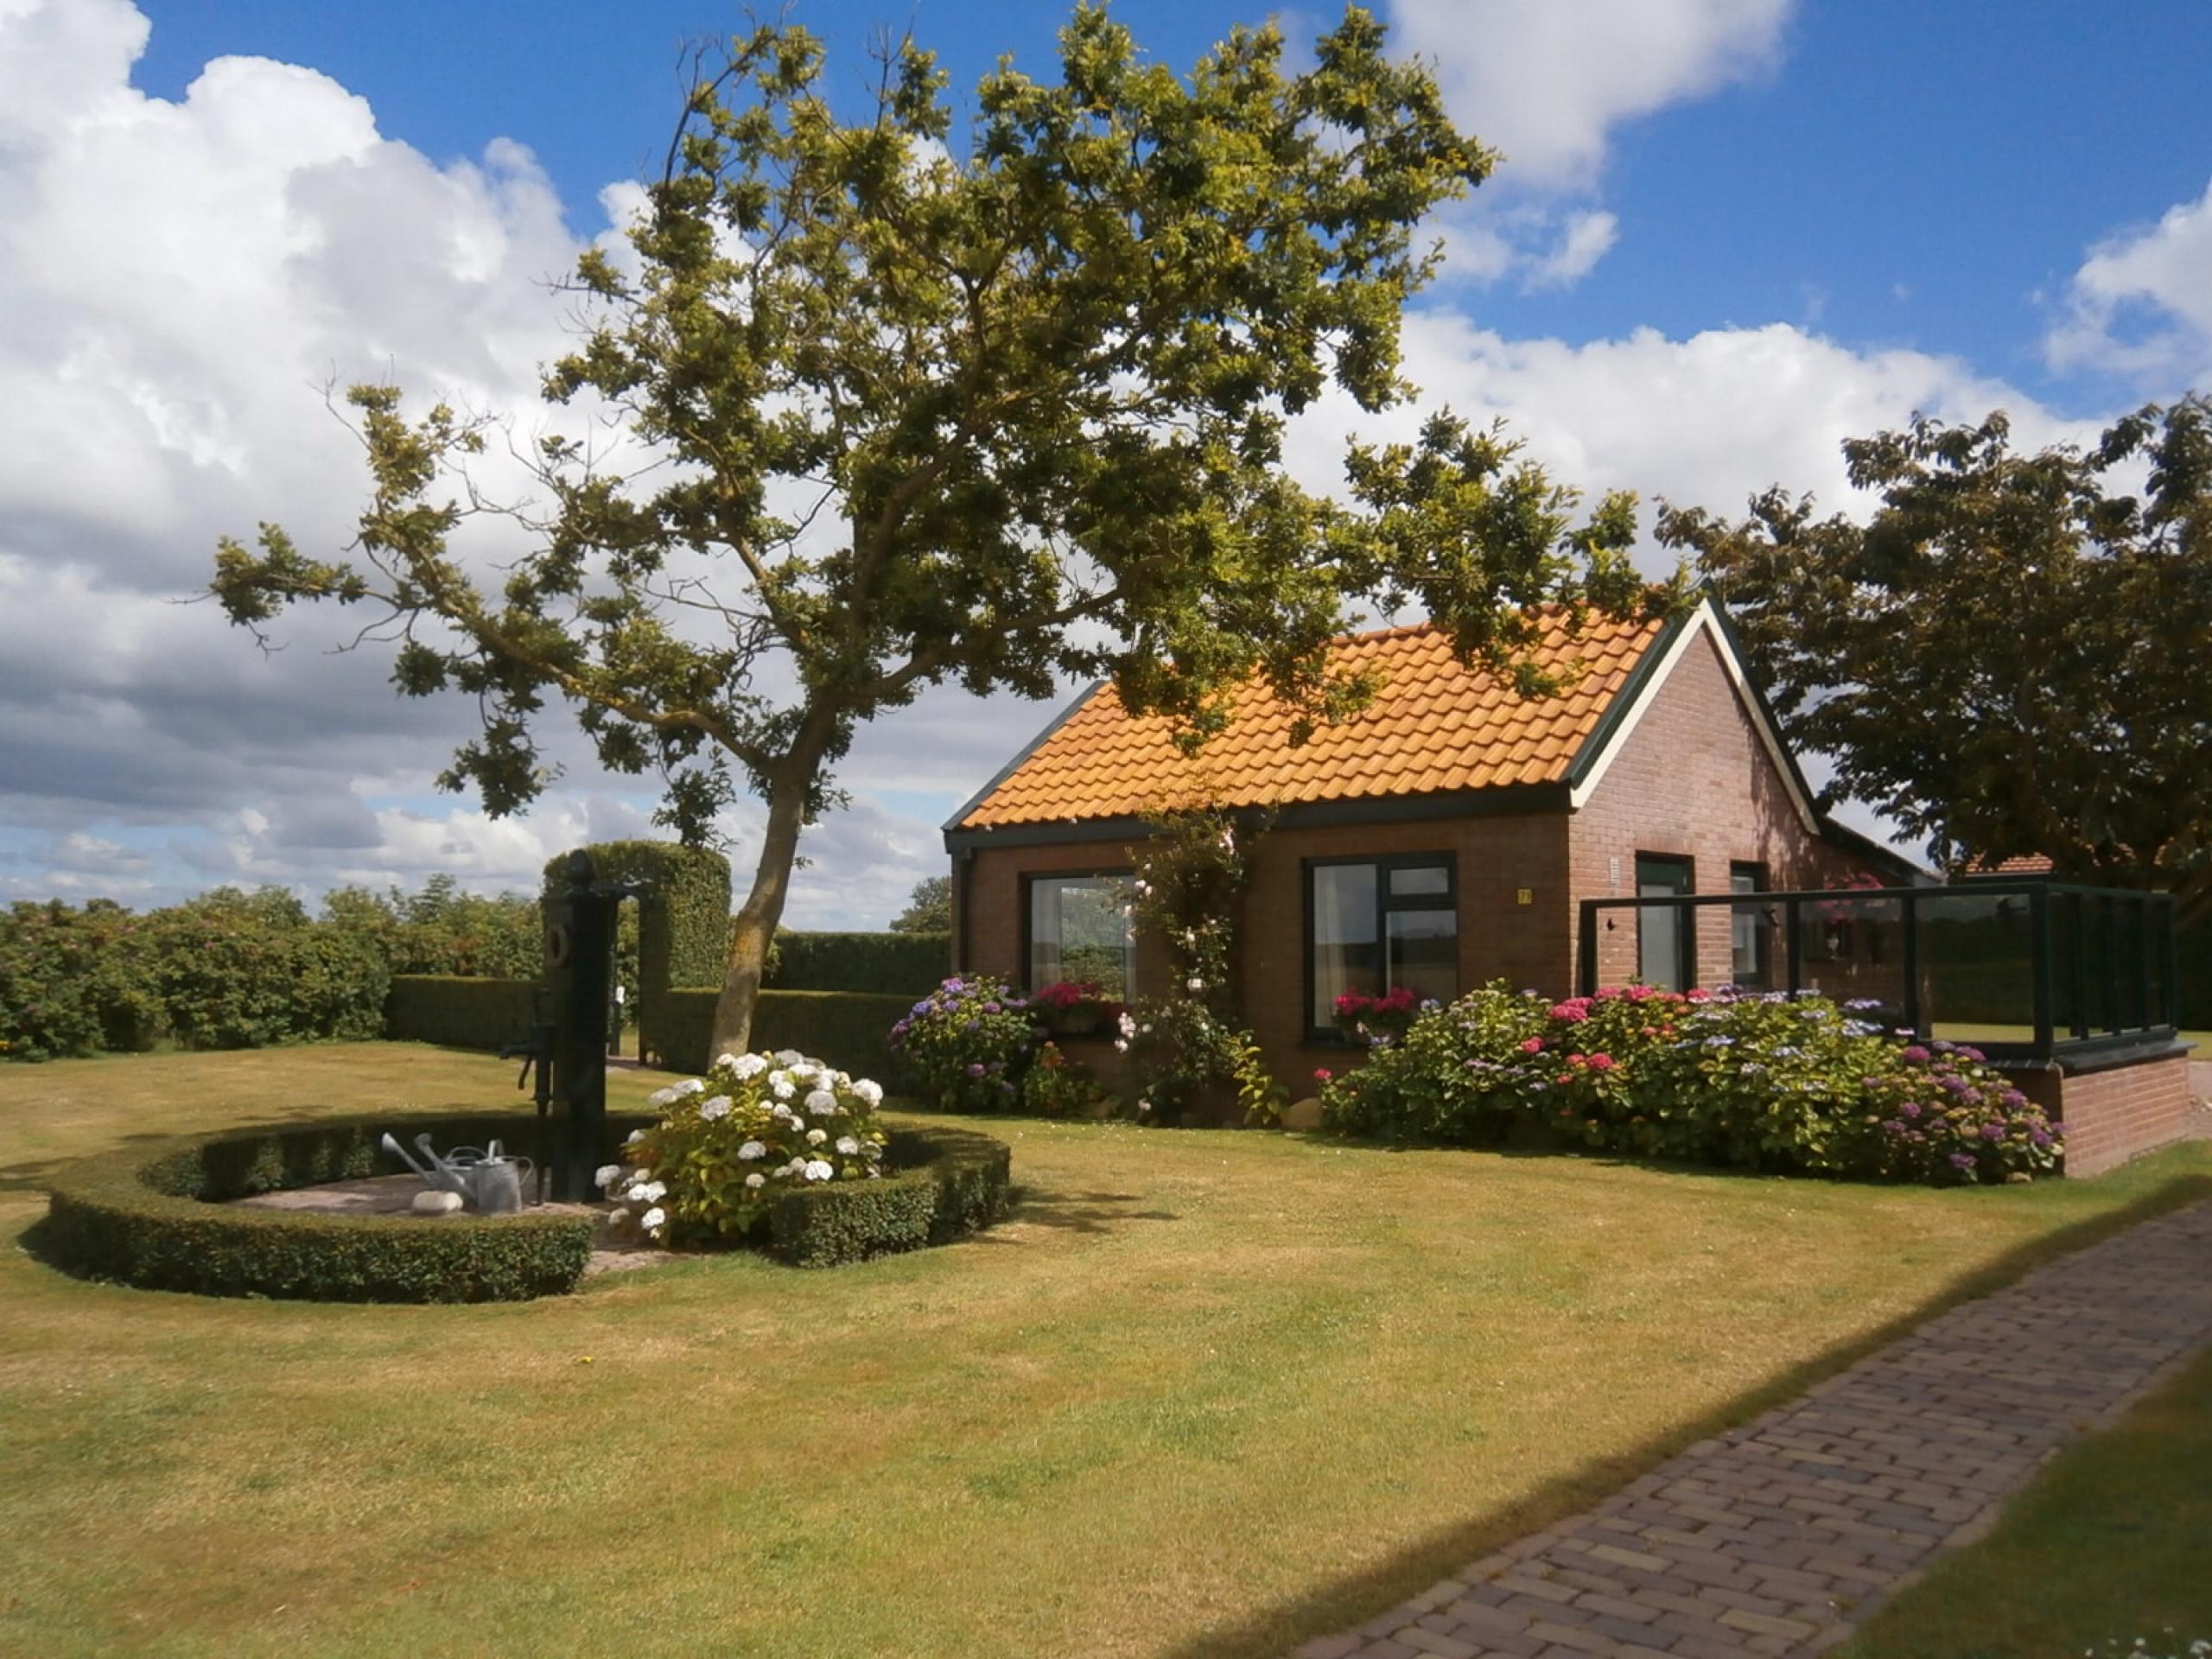 Nachbarschaft De Westen in der Nähe von Den Hoorn, wo Sie einen weiten Blick haben